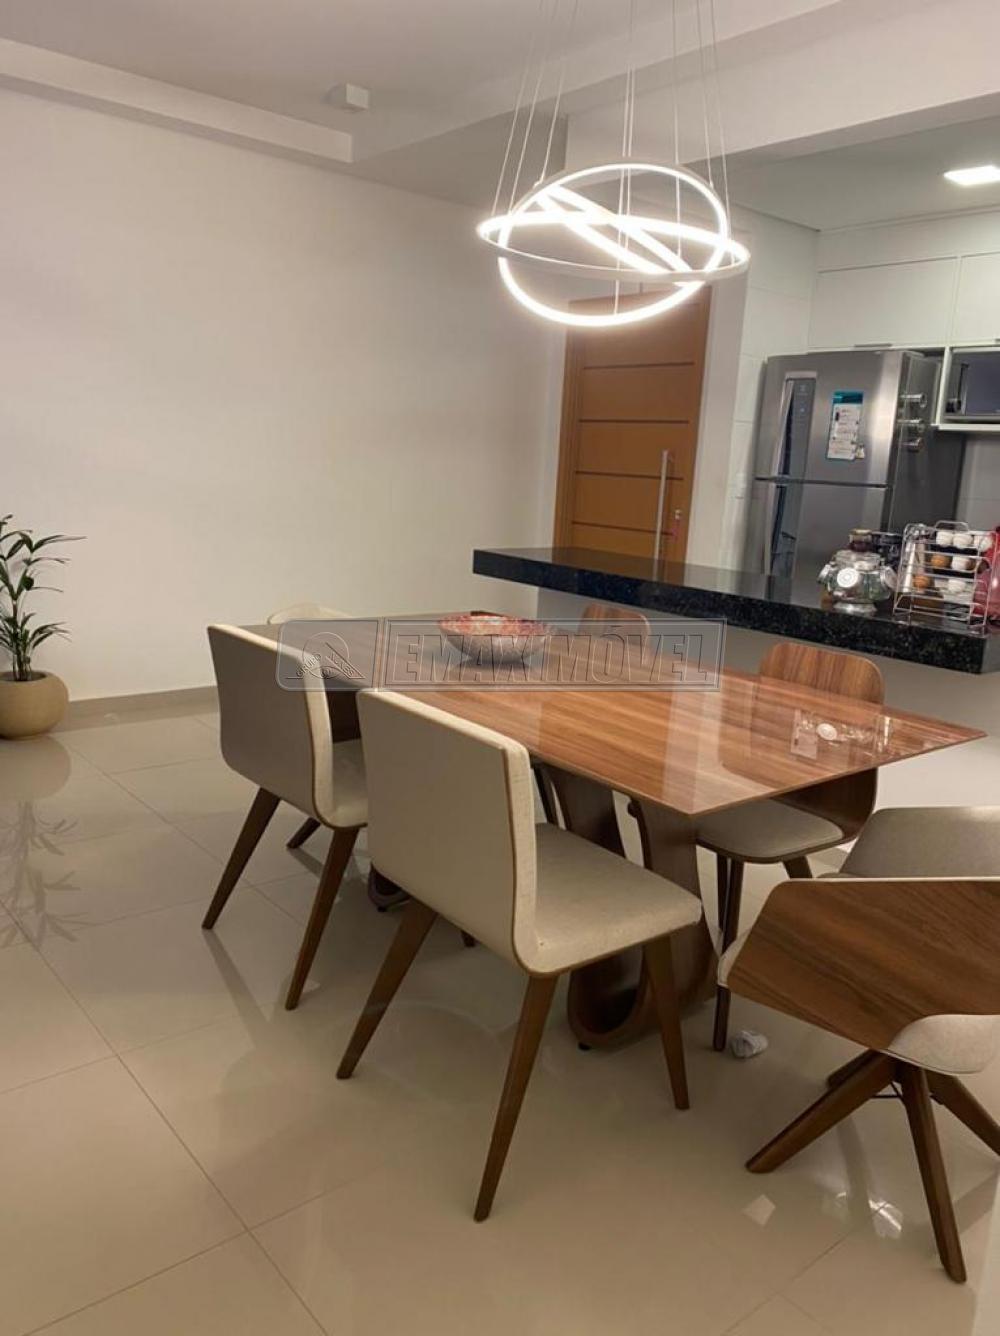 Comprar Apartamento / Padrão em Sorocaba R$ 635.000,00 - Foto 1